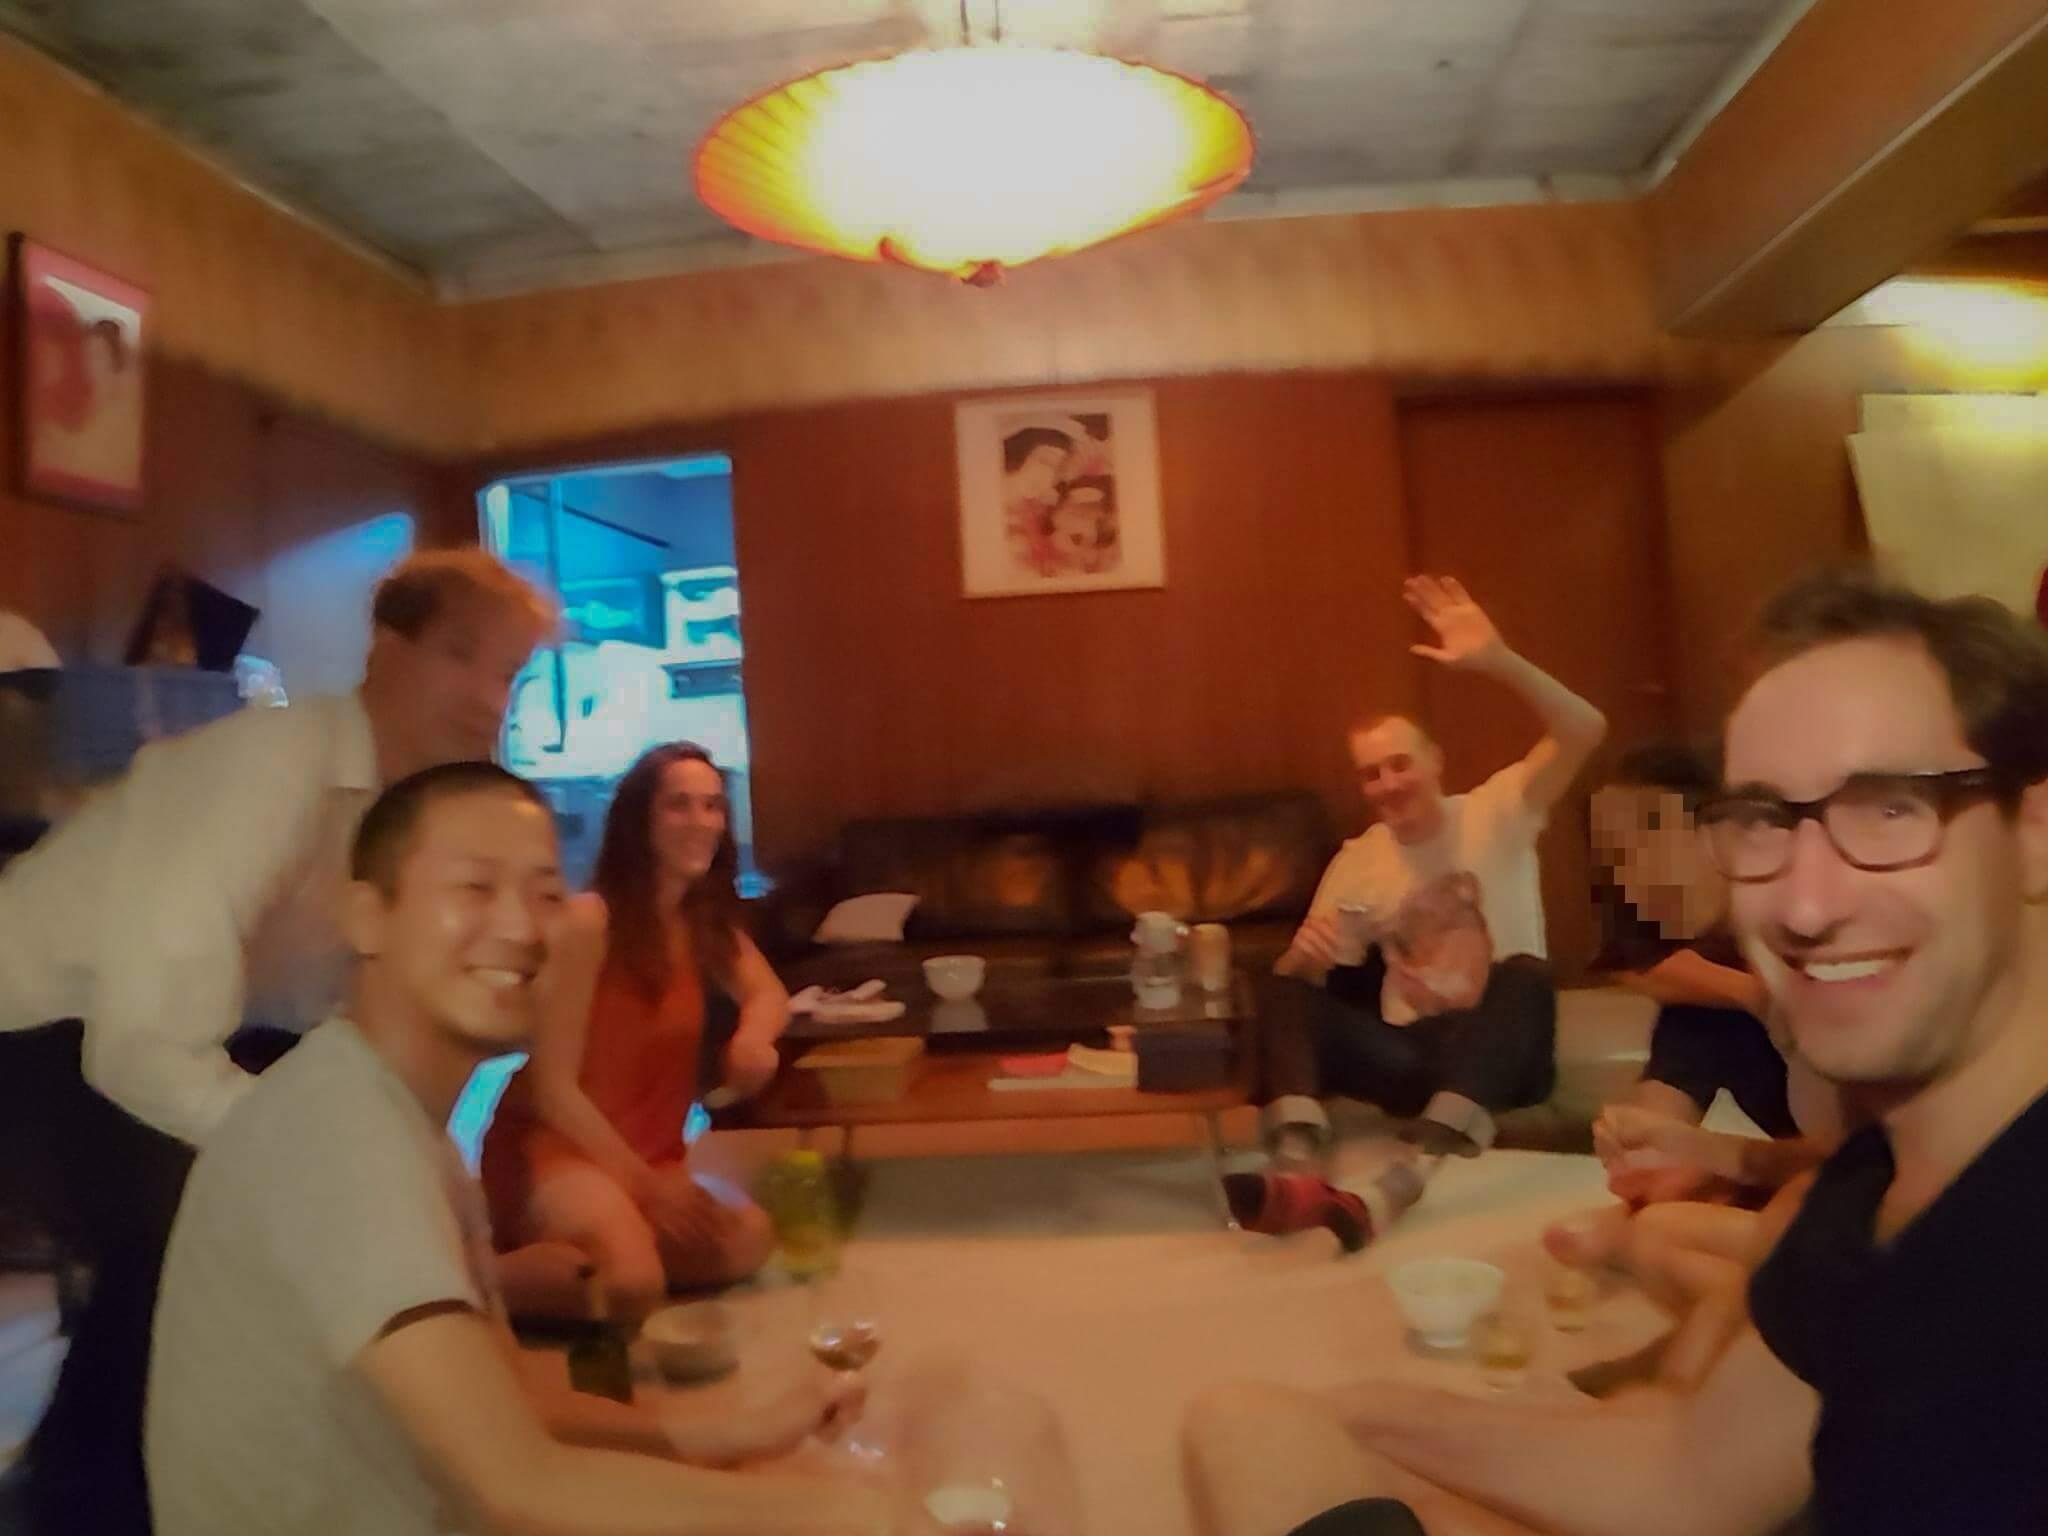 東京のAirbnbで友達になった外国人との集合写真